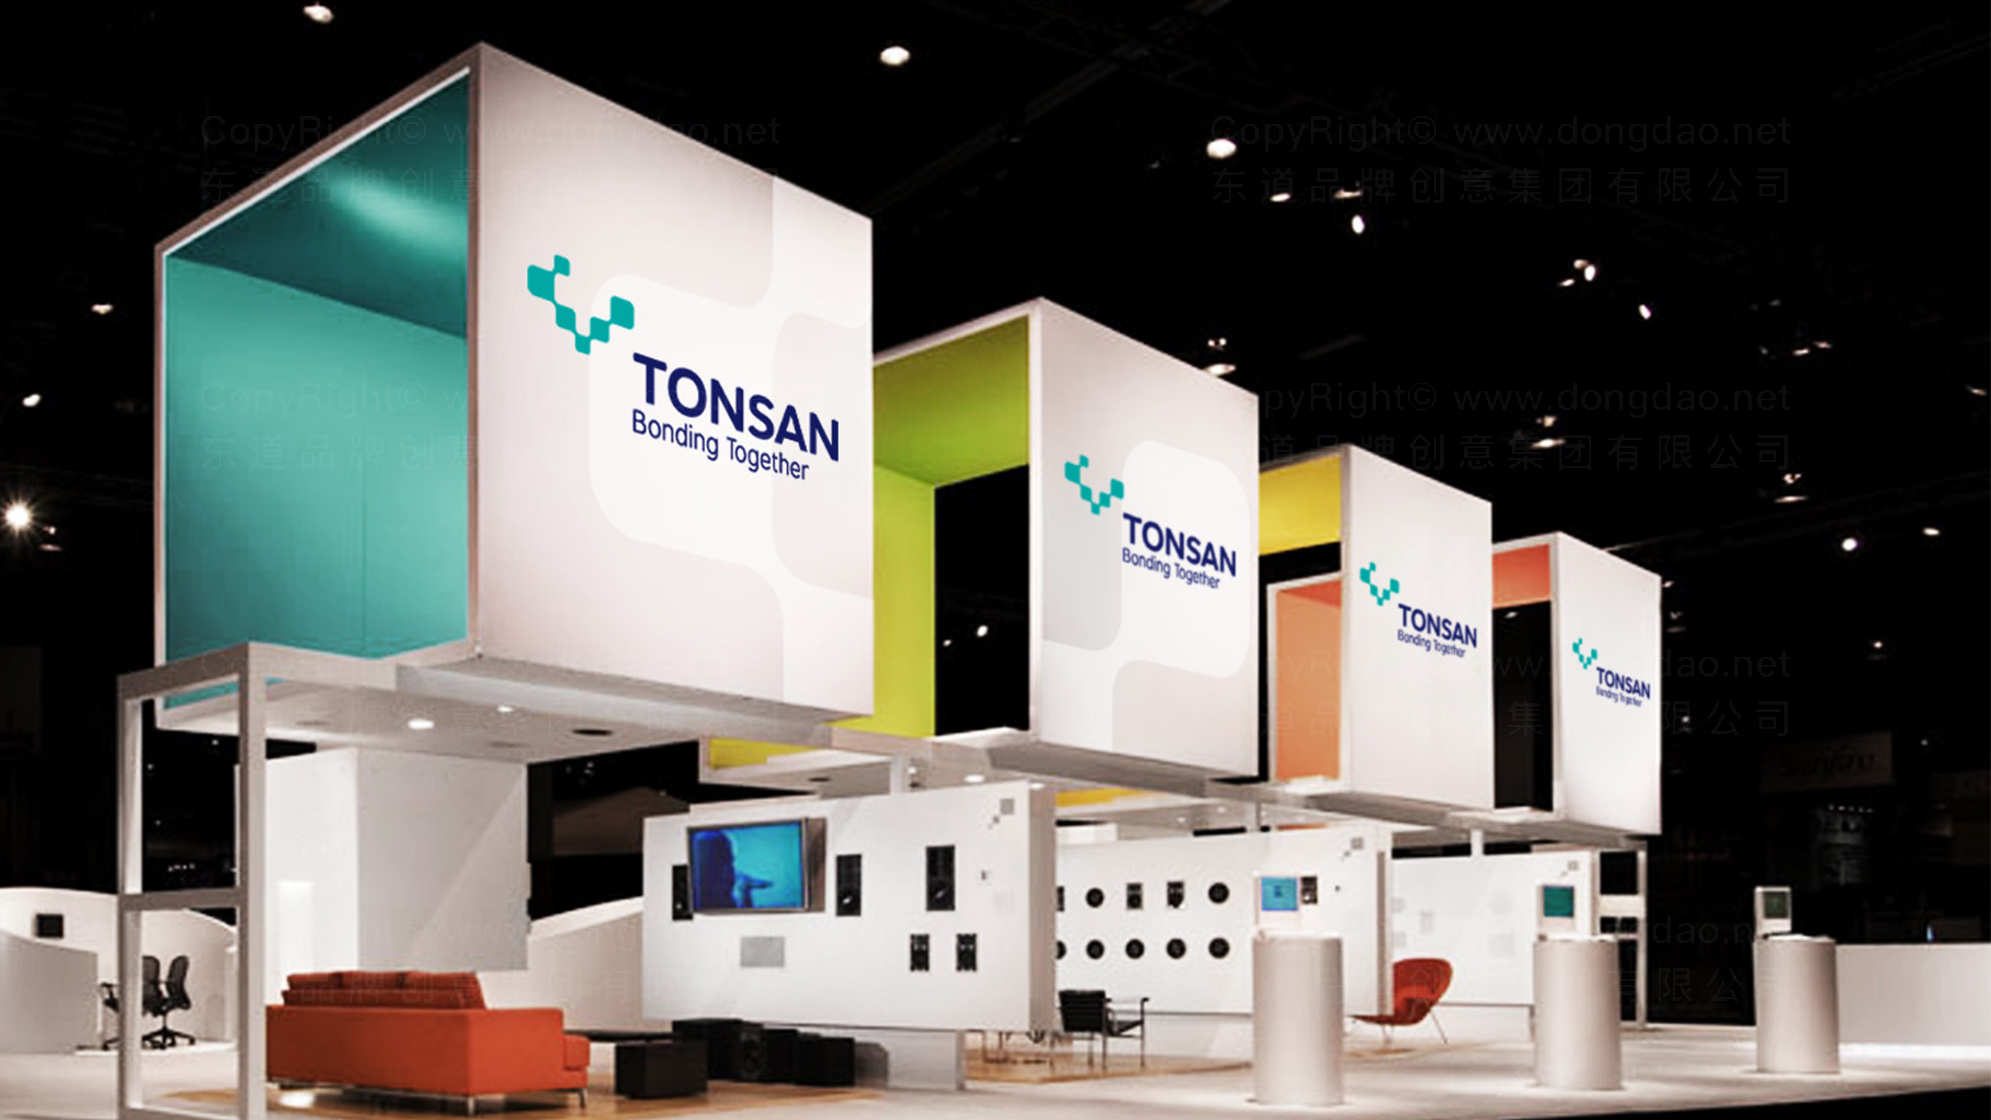 品牌设计TONSAN工业胶水LOGO&VI设计应用场景_2